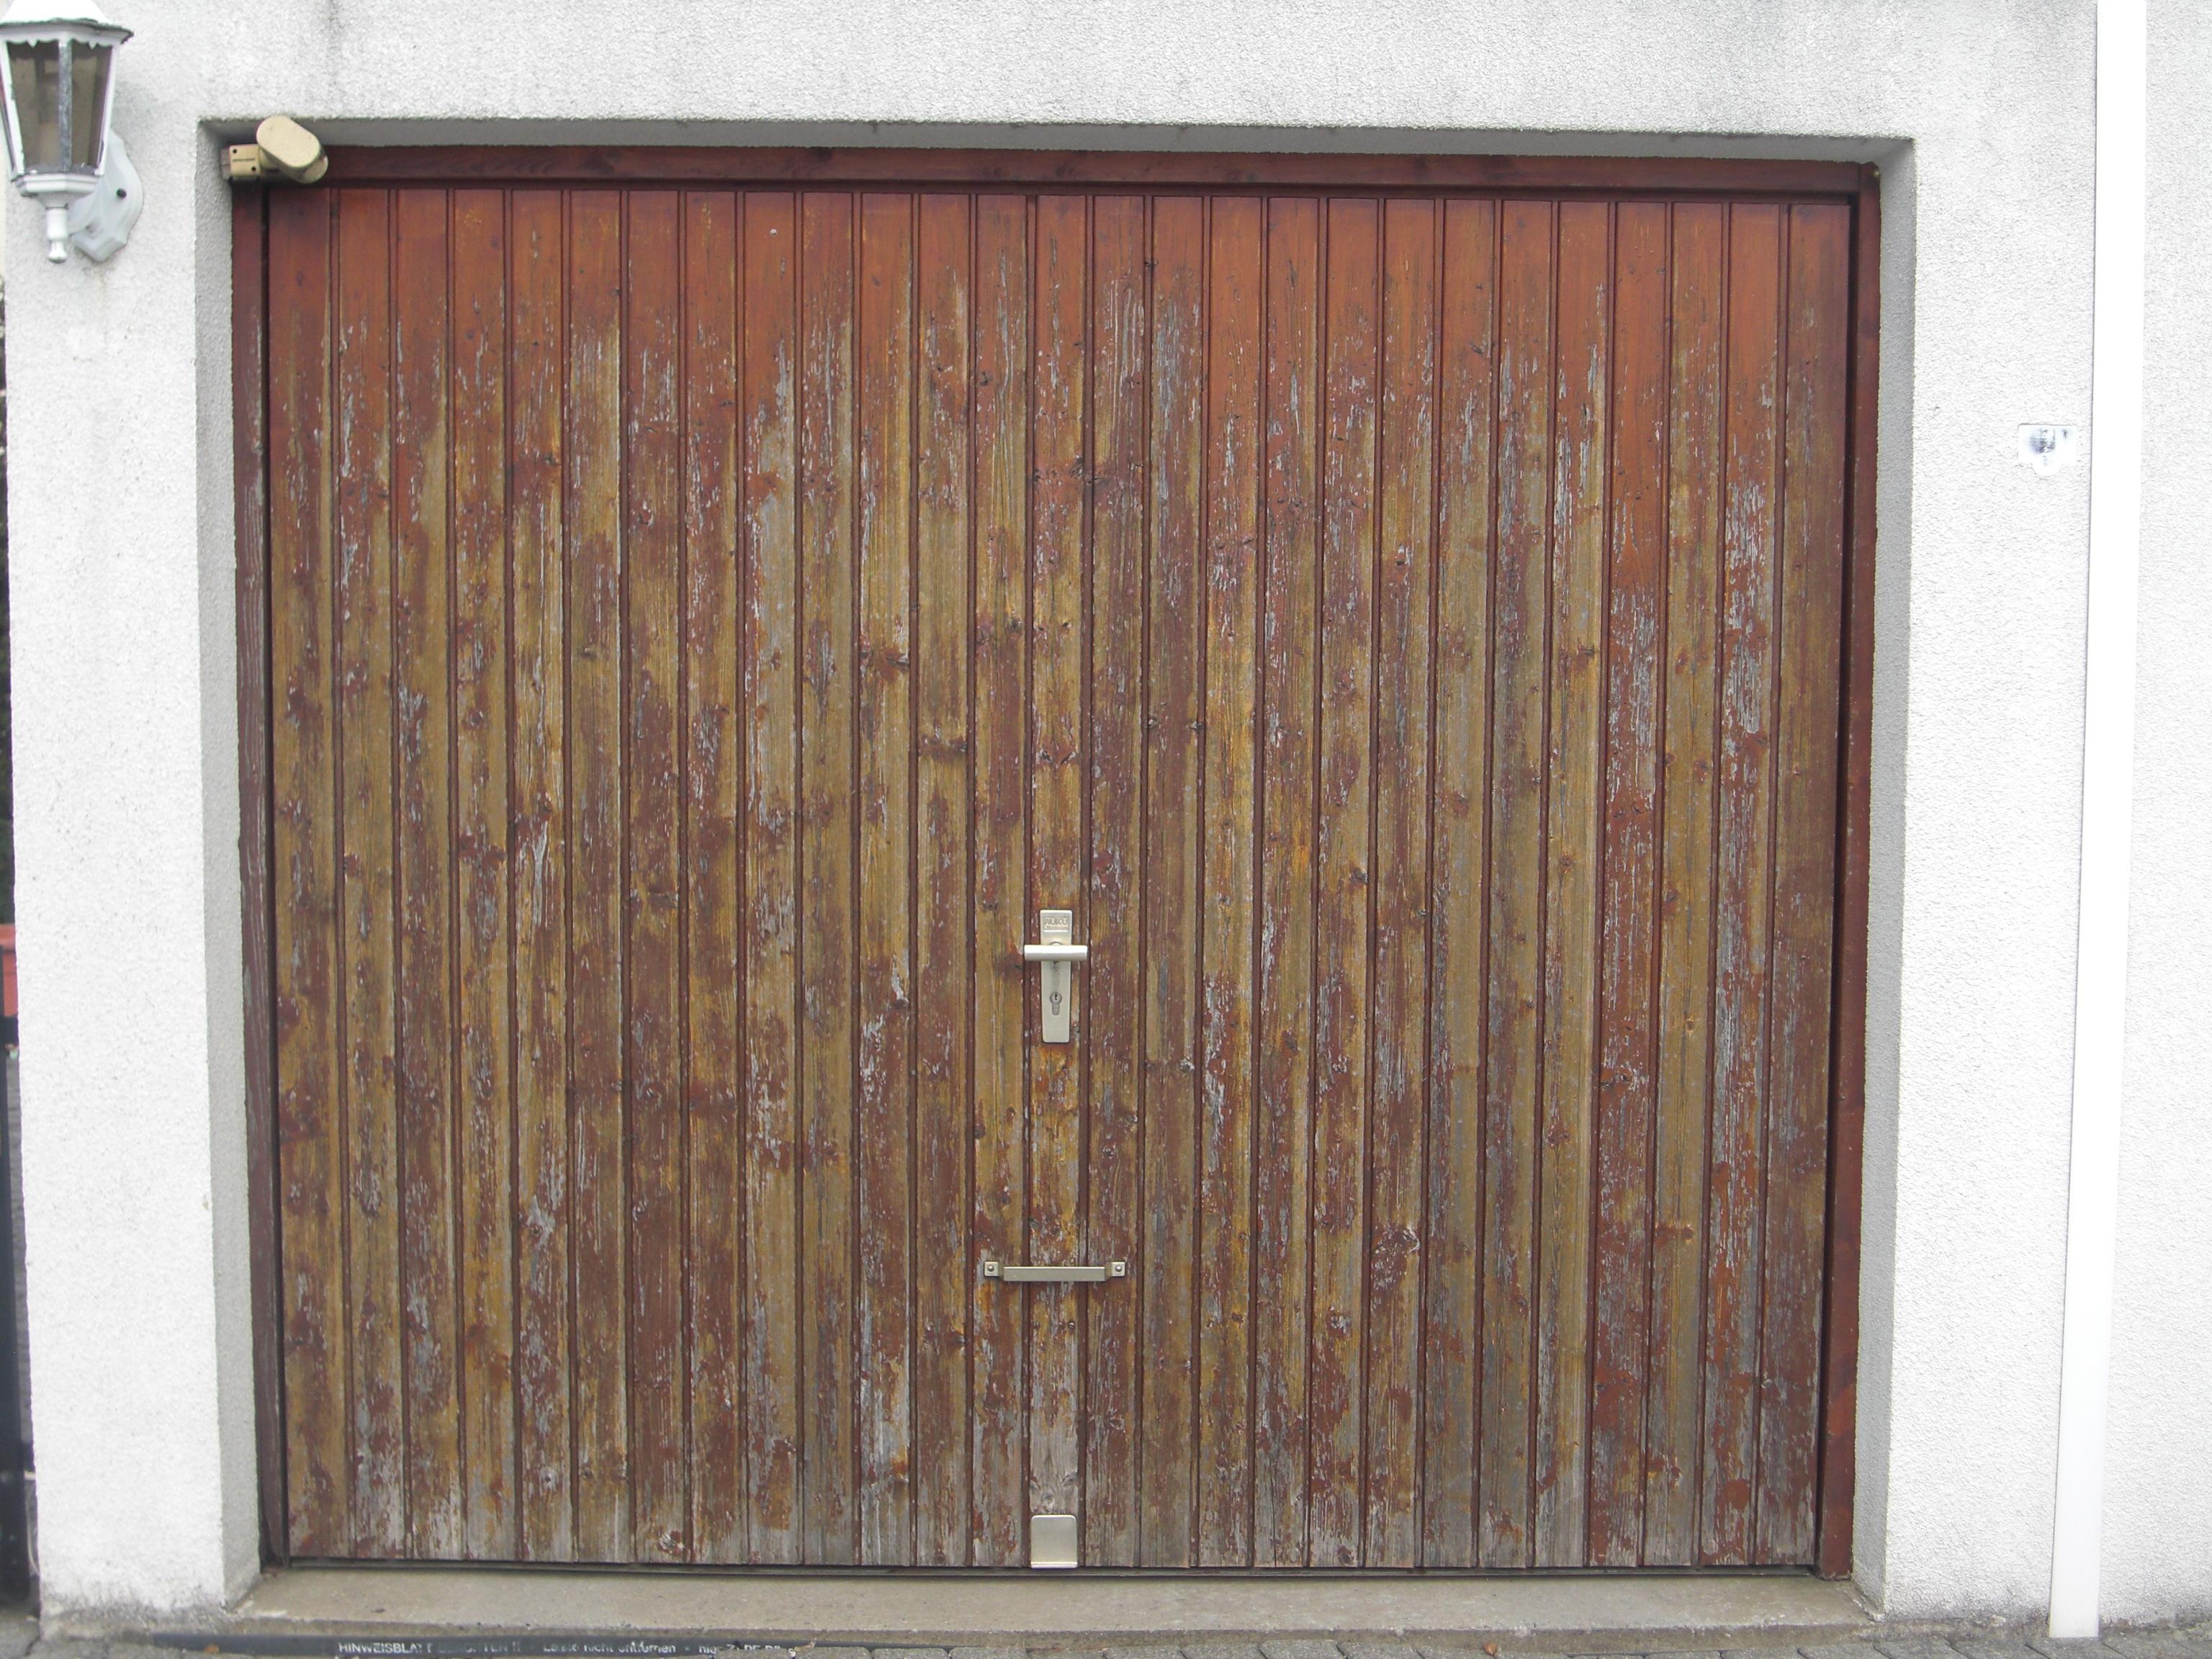 2 garagentore zu verschenken in 85221 dachau hausrat. Black Bedroom Furniture Sets. Home Design Ideas